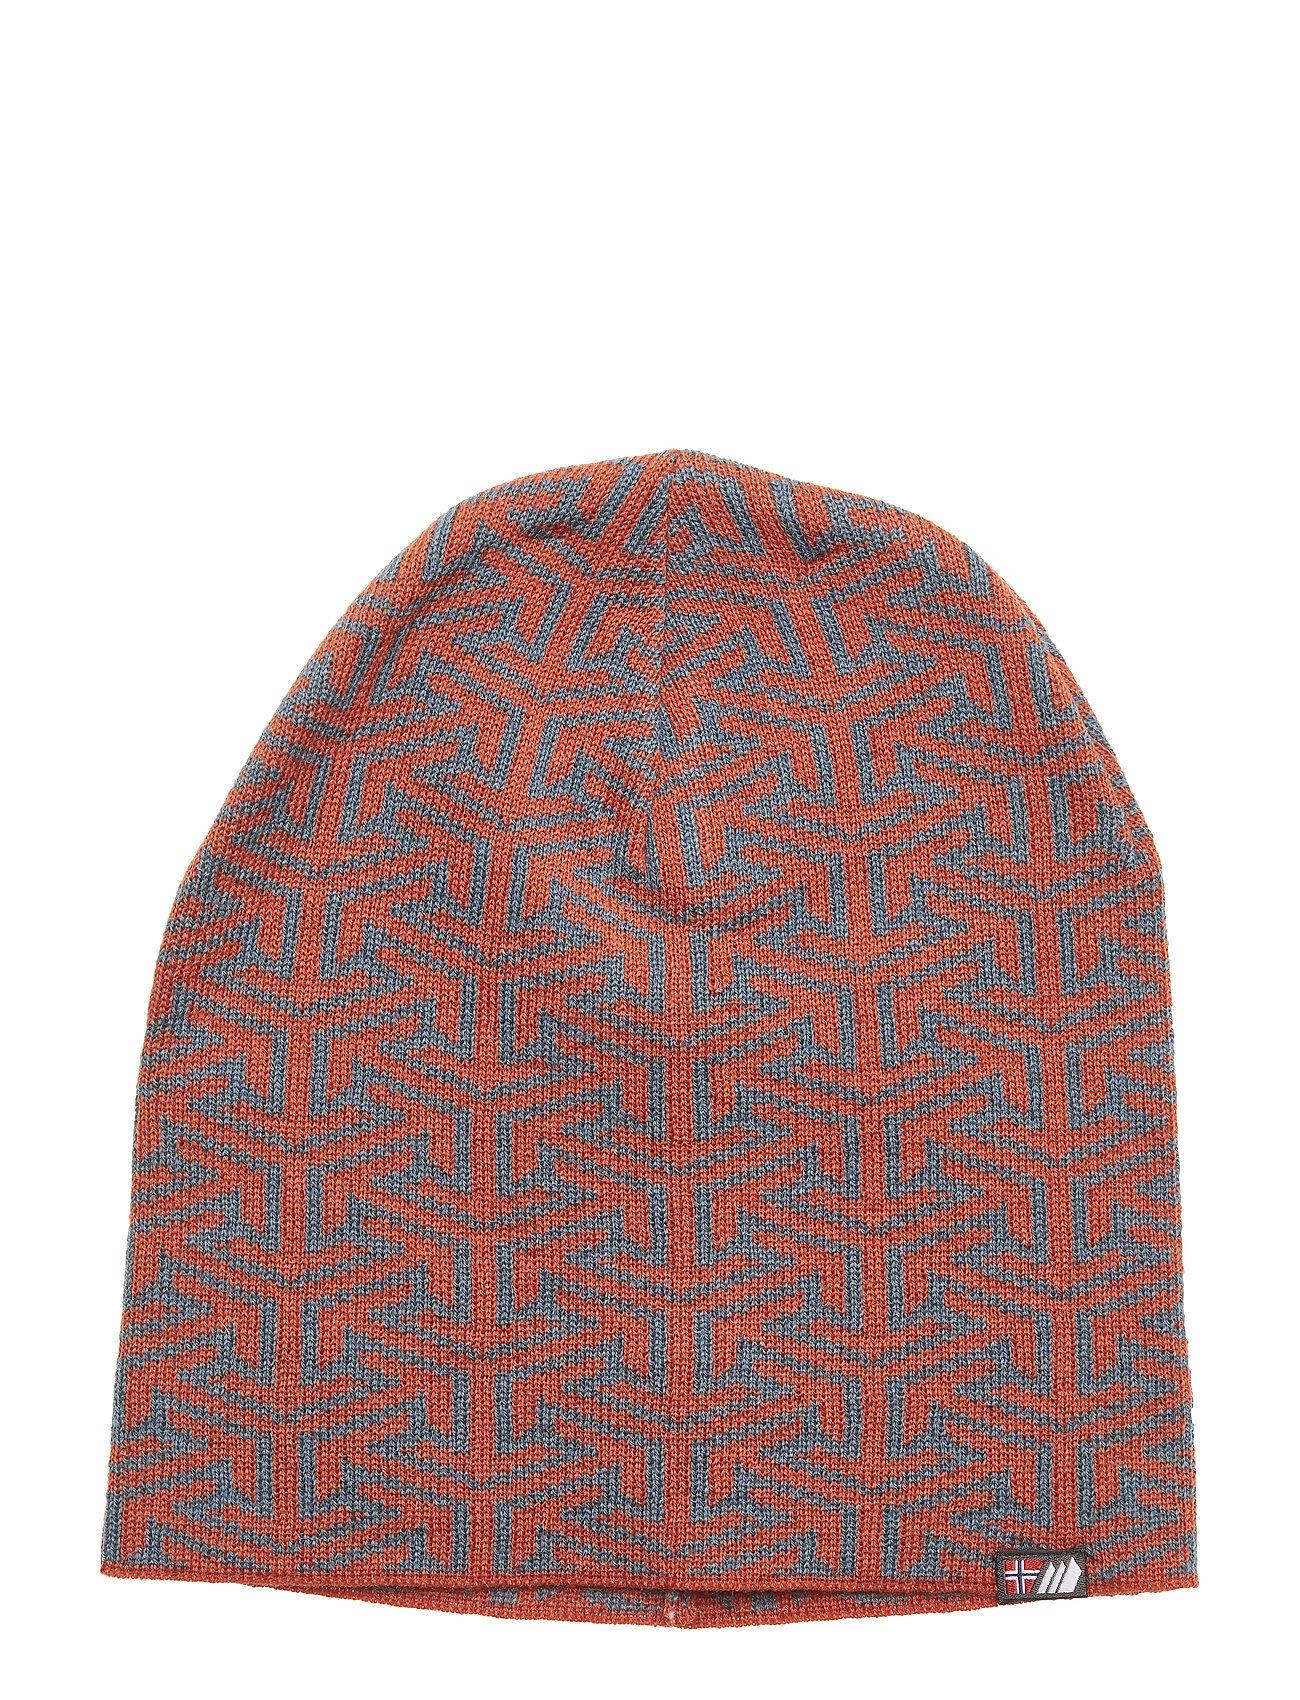 Skogstad Maradalen Knitted Hat